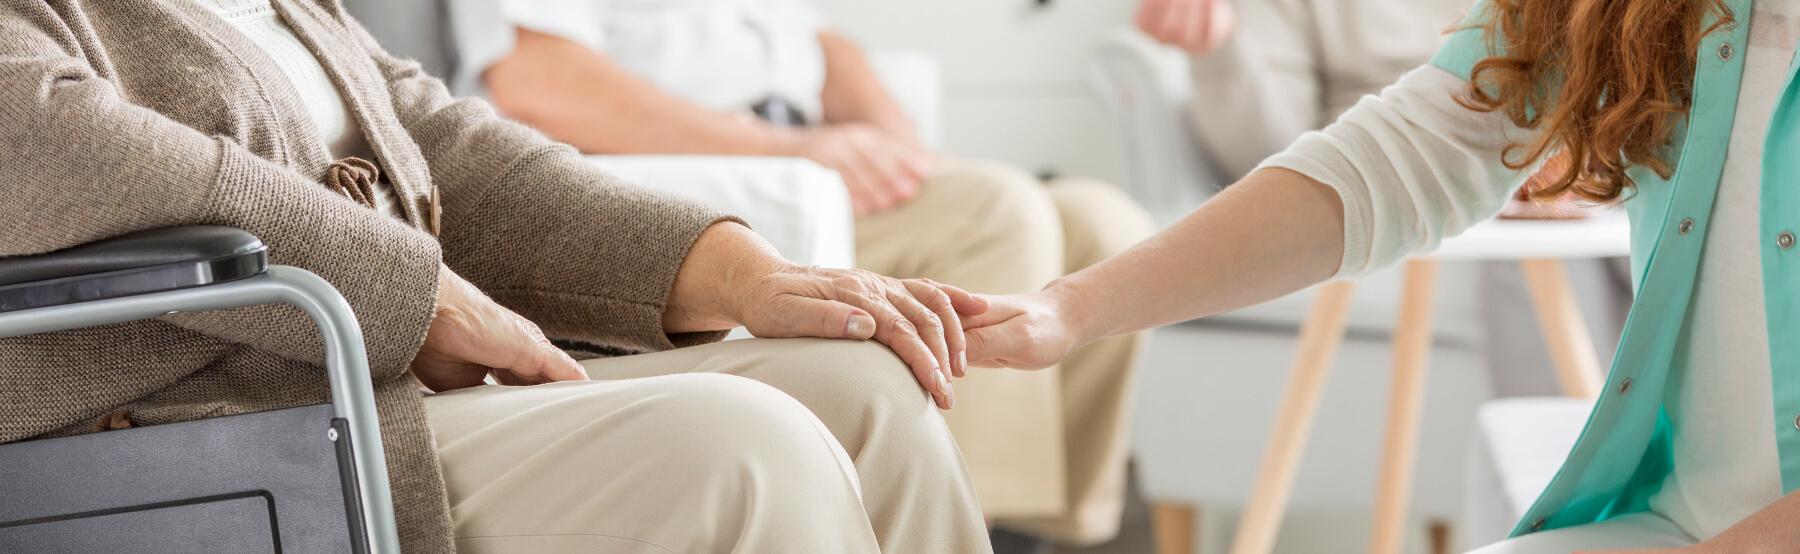 Potrebujete odbornú starostlivosť po prepustení z nemocnice?